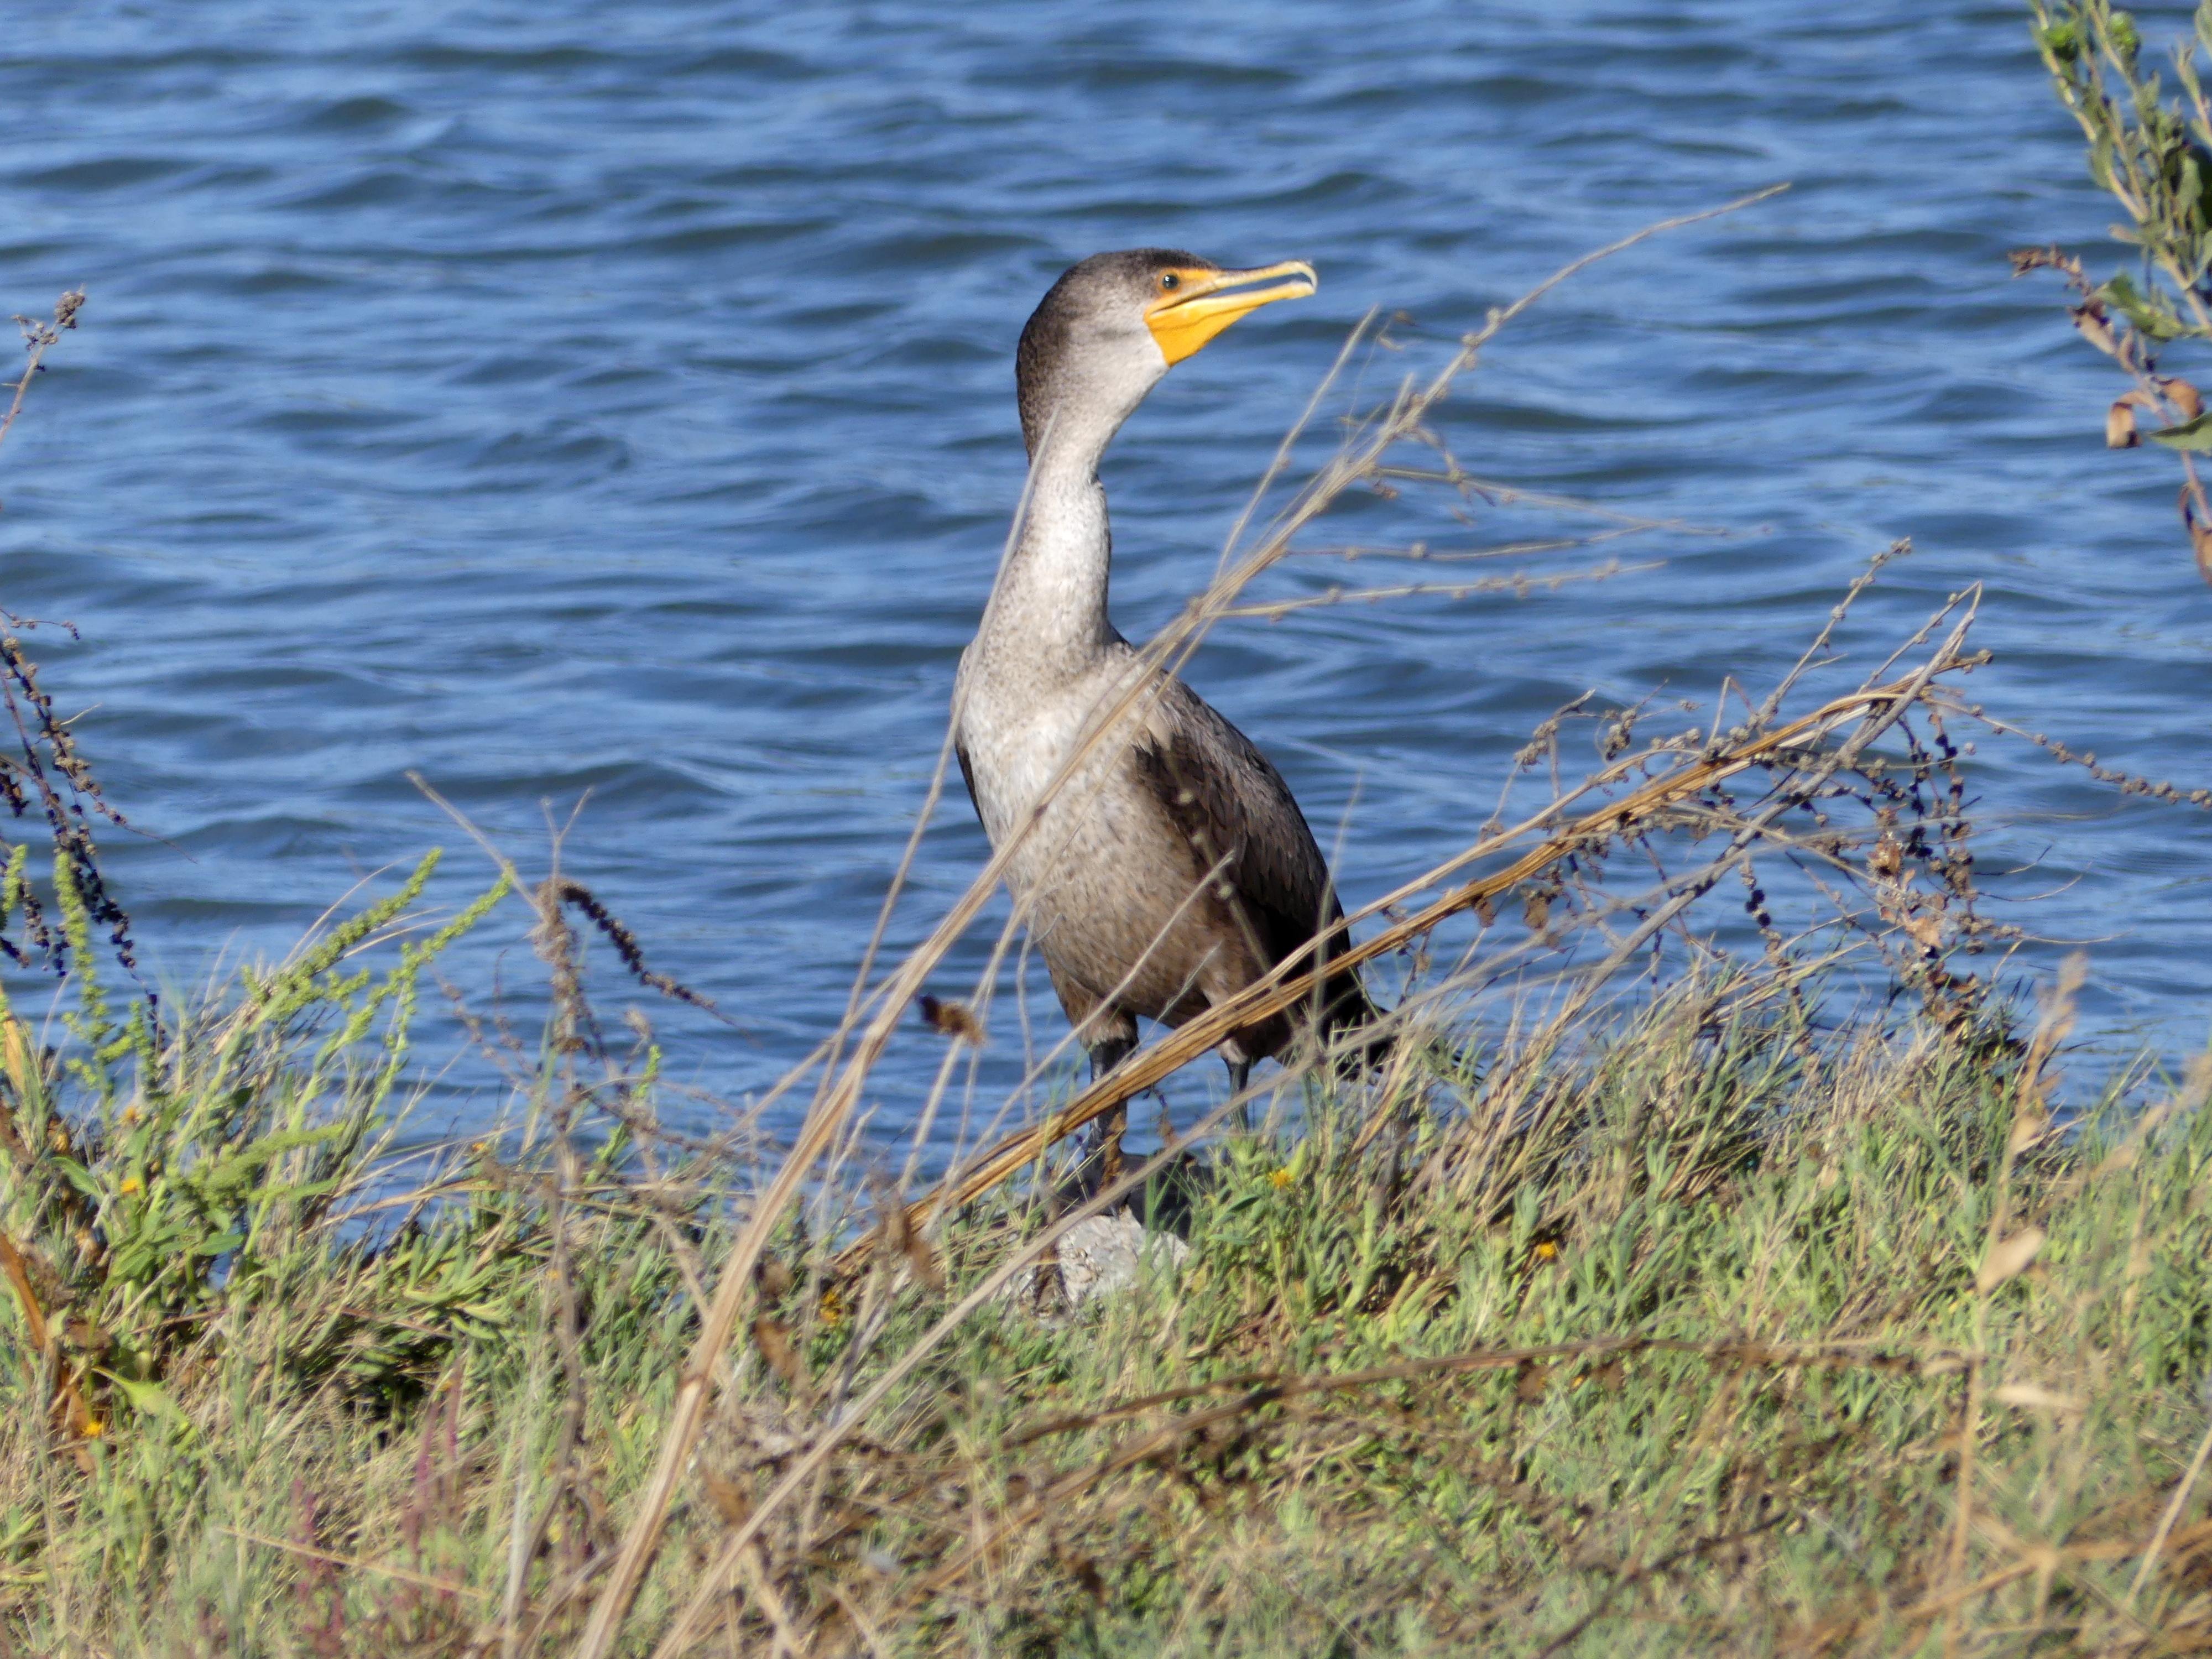 Juvenile cormorant